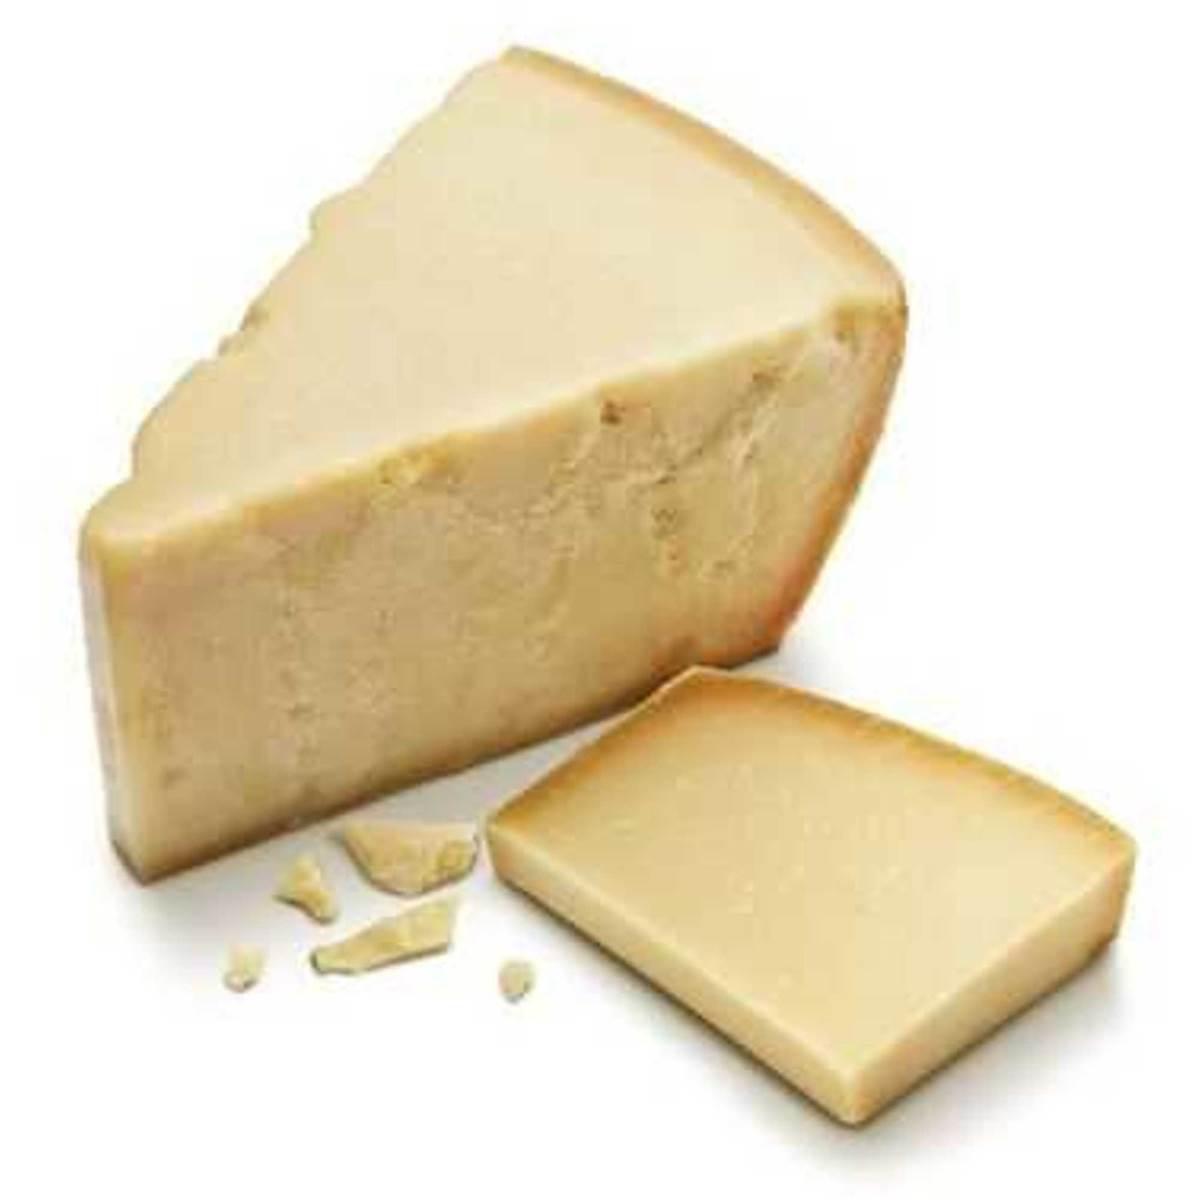 этой сыр пармезан фото печатались